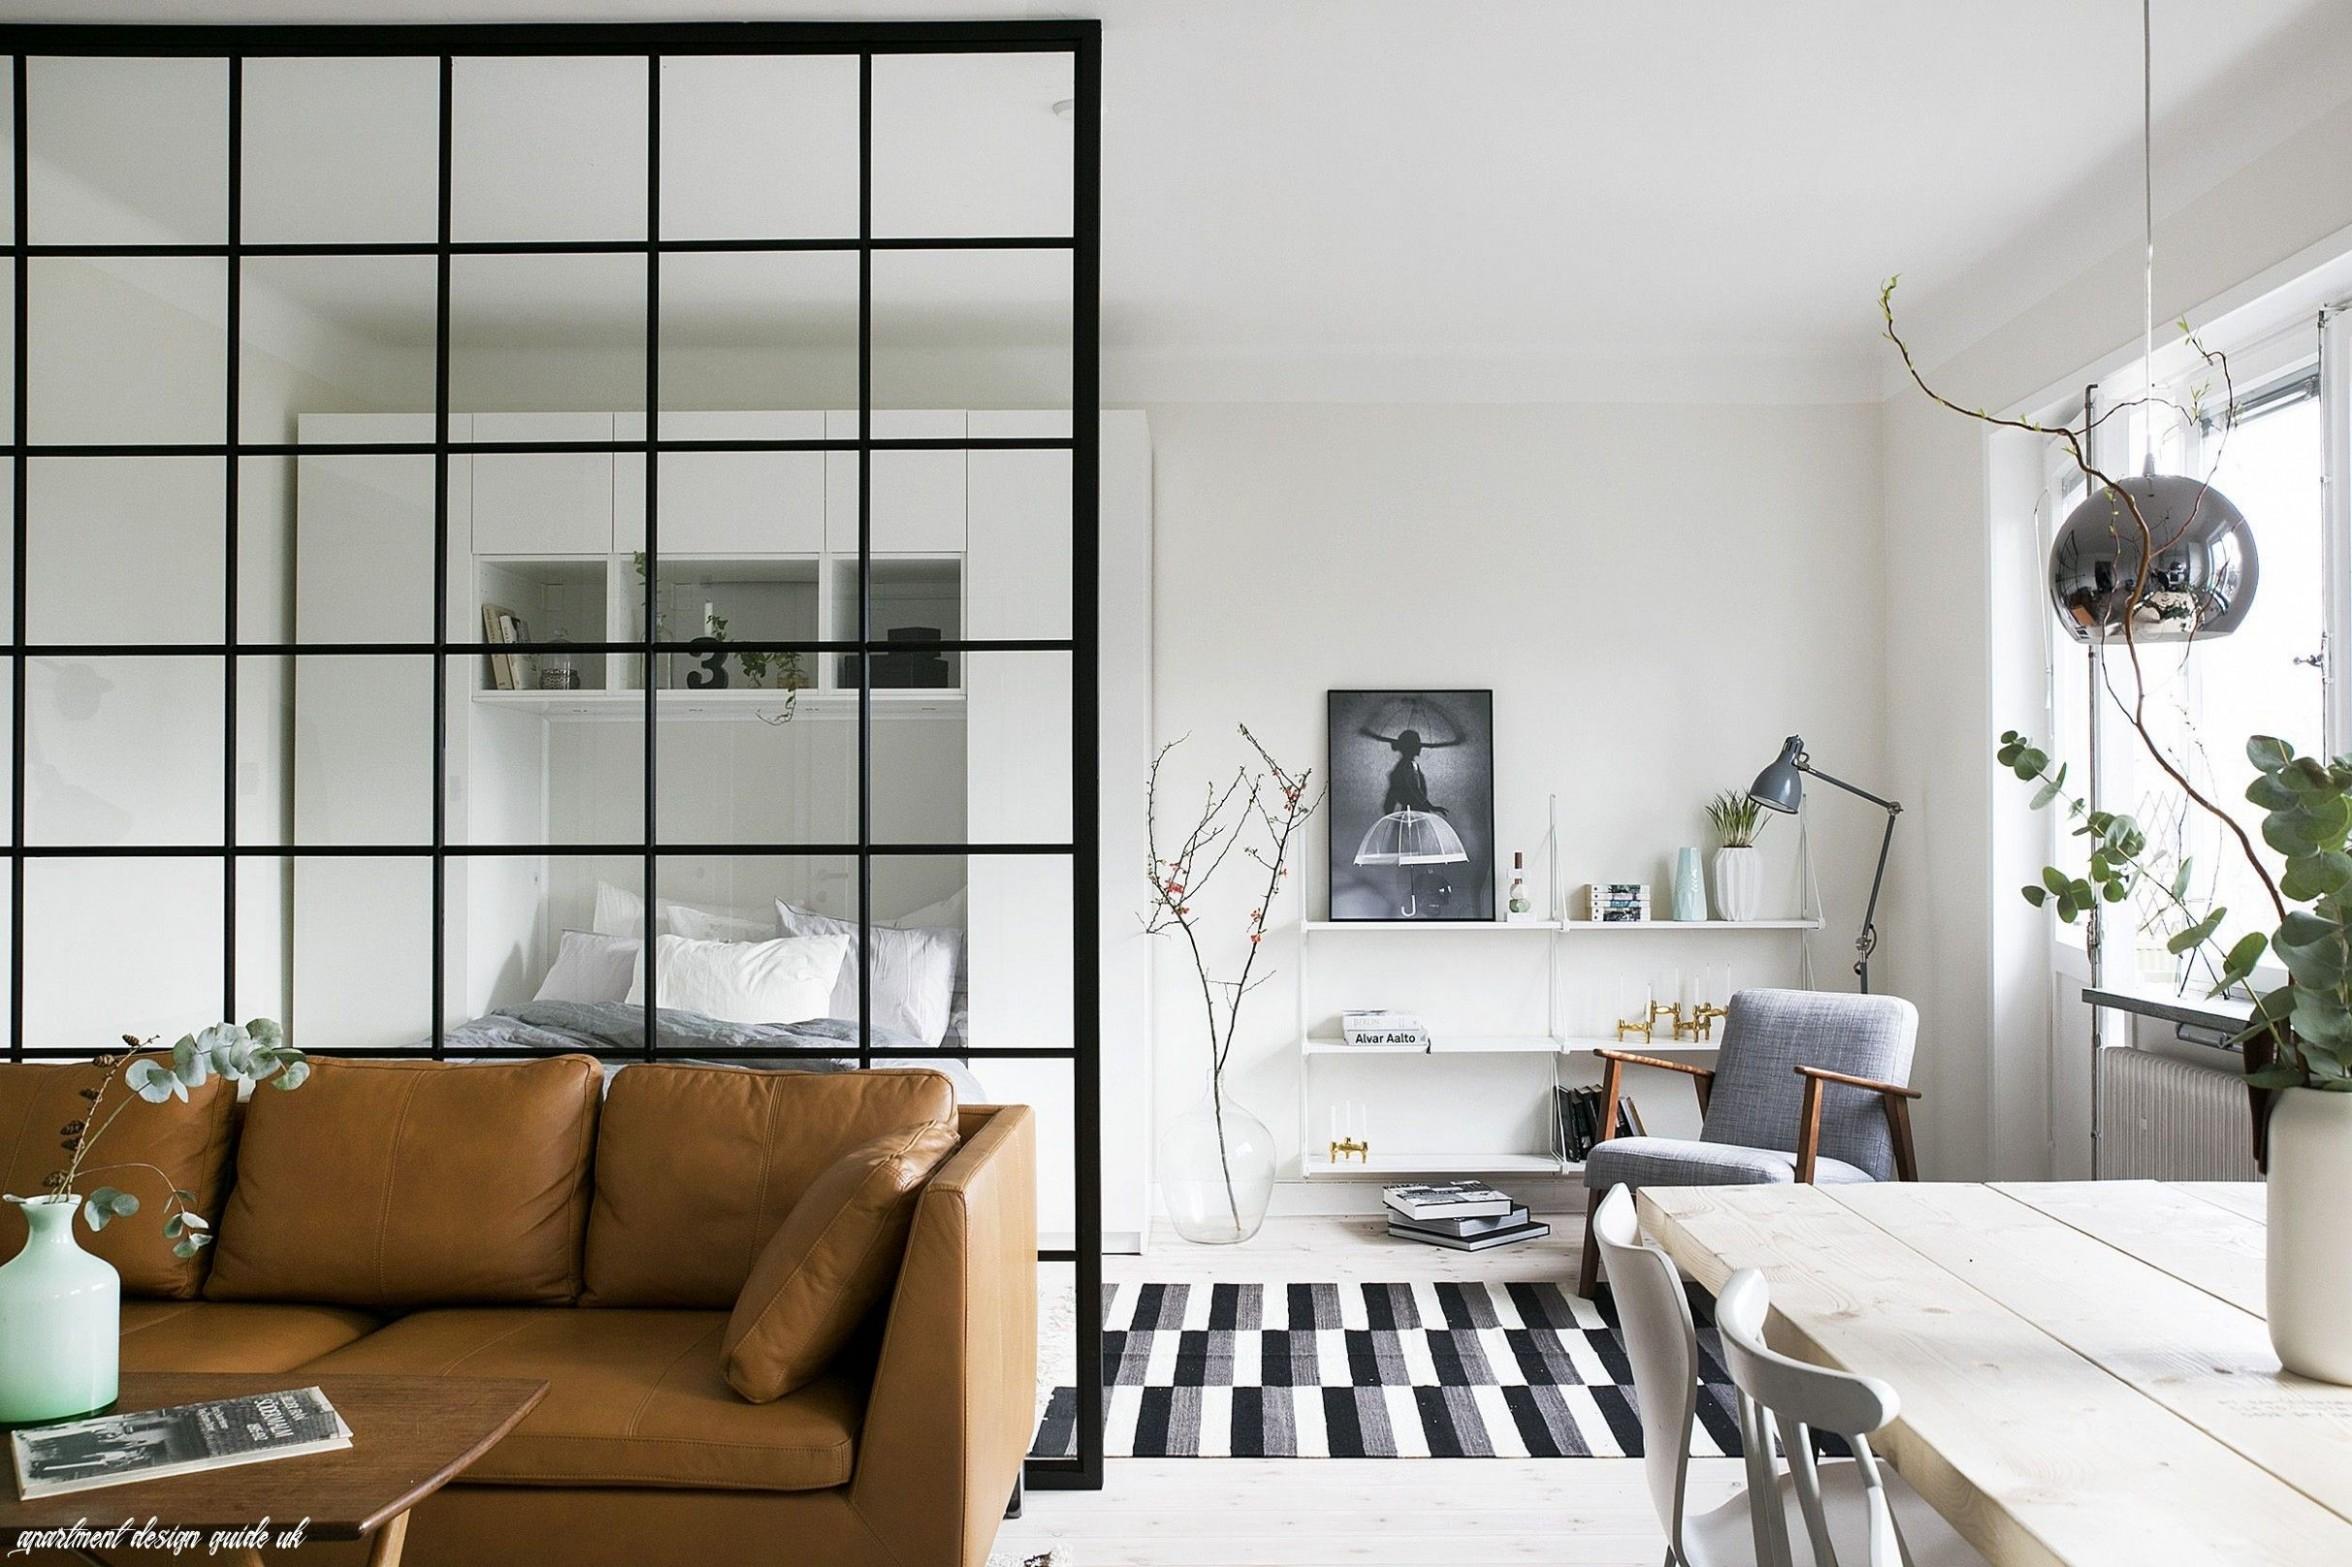 12 Apartment Design Guide Uk in 12  Interior design living room  - Apartment Design Guide Uk